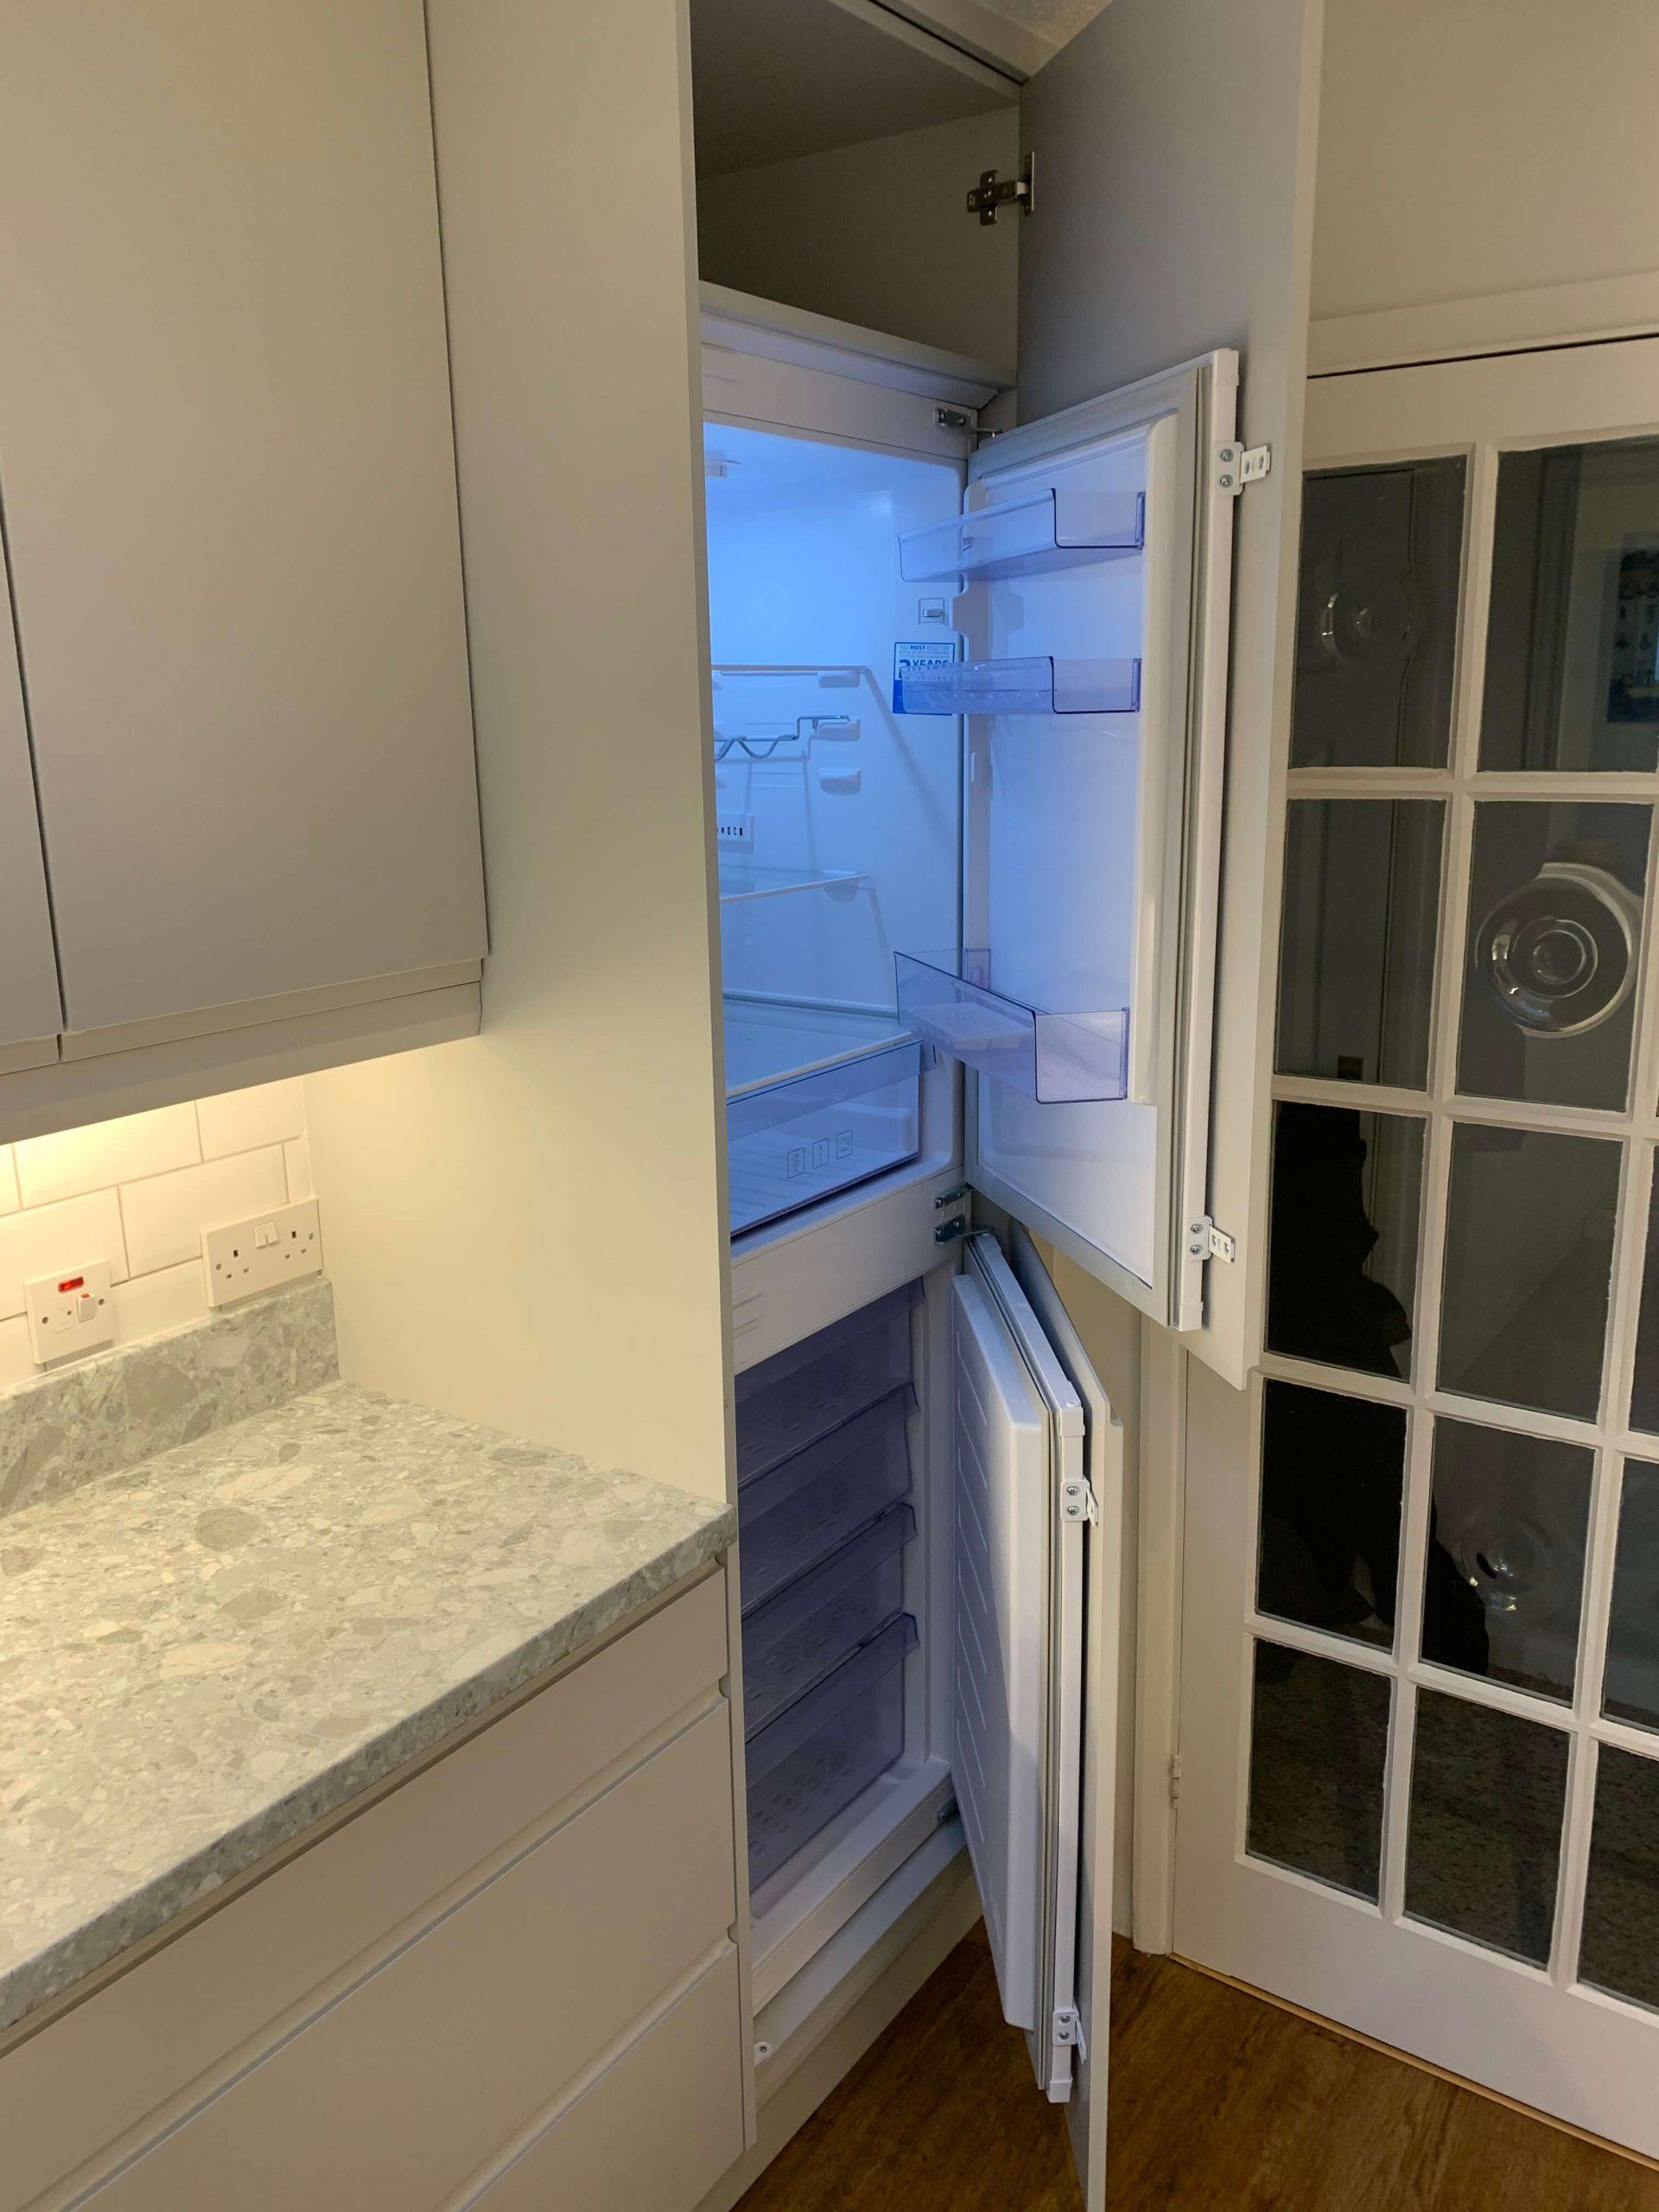 Galley Kitchen Fridge Freezer